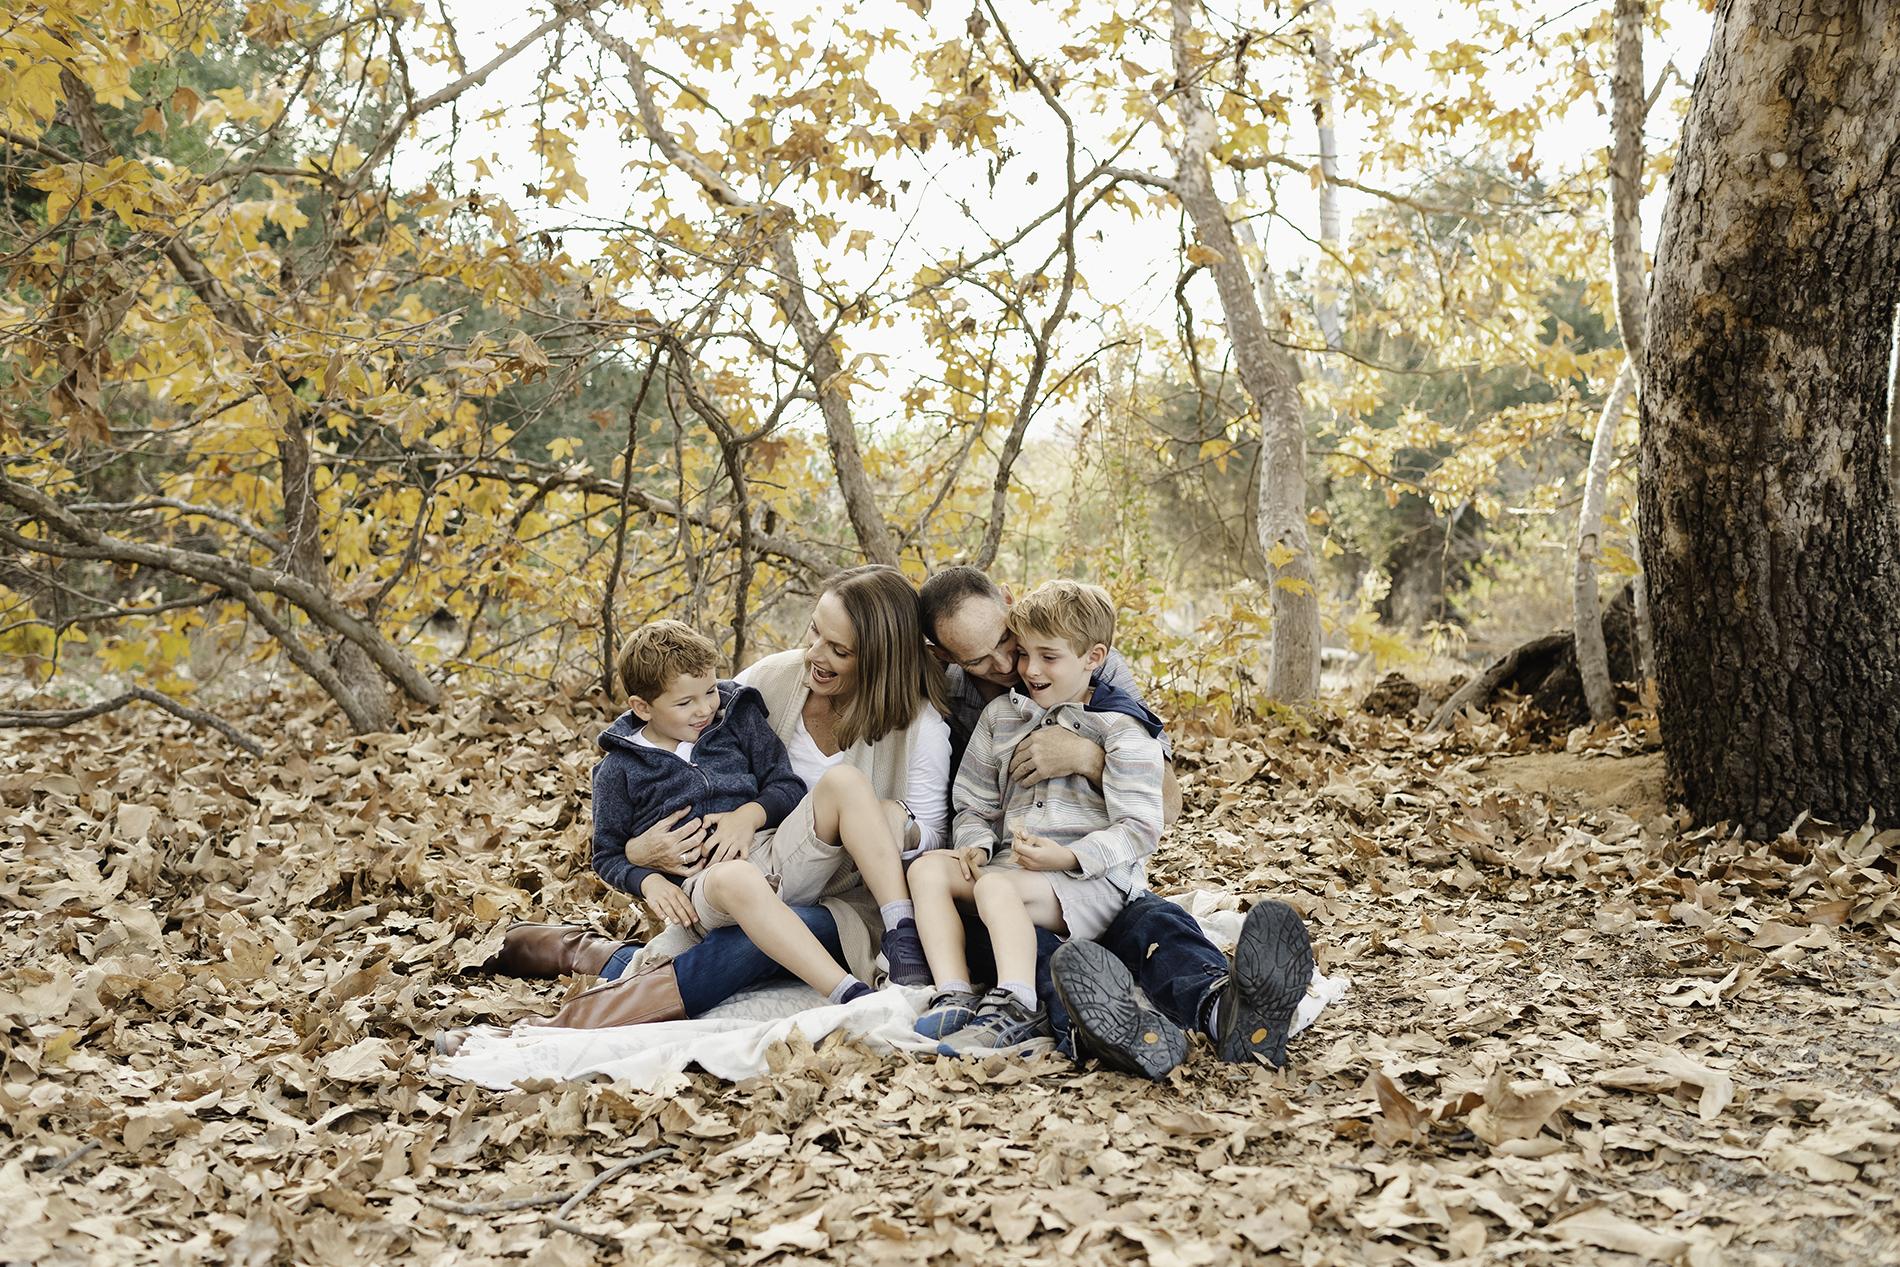 FAMILY PHOTOS IN MARIAN BEAR PARK, LA JOLLA, CA